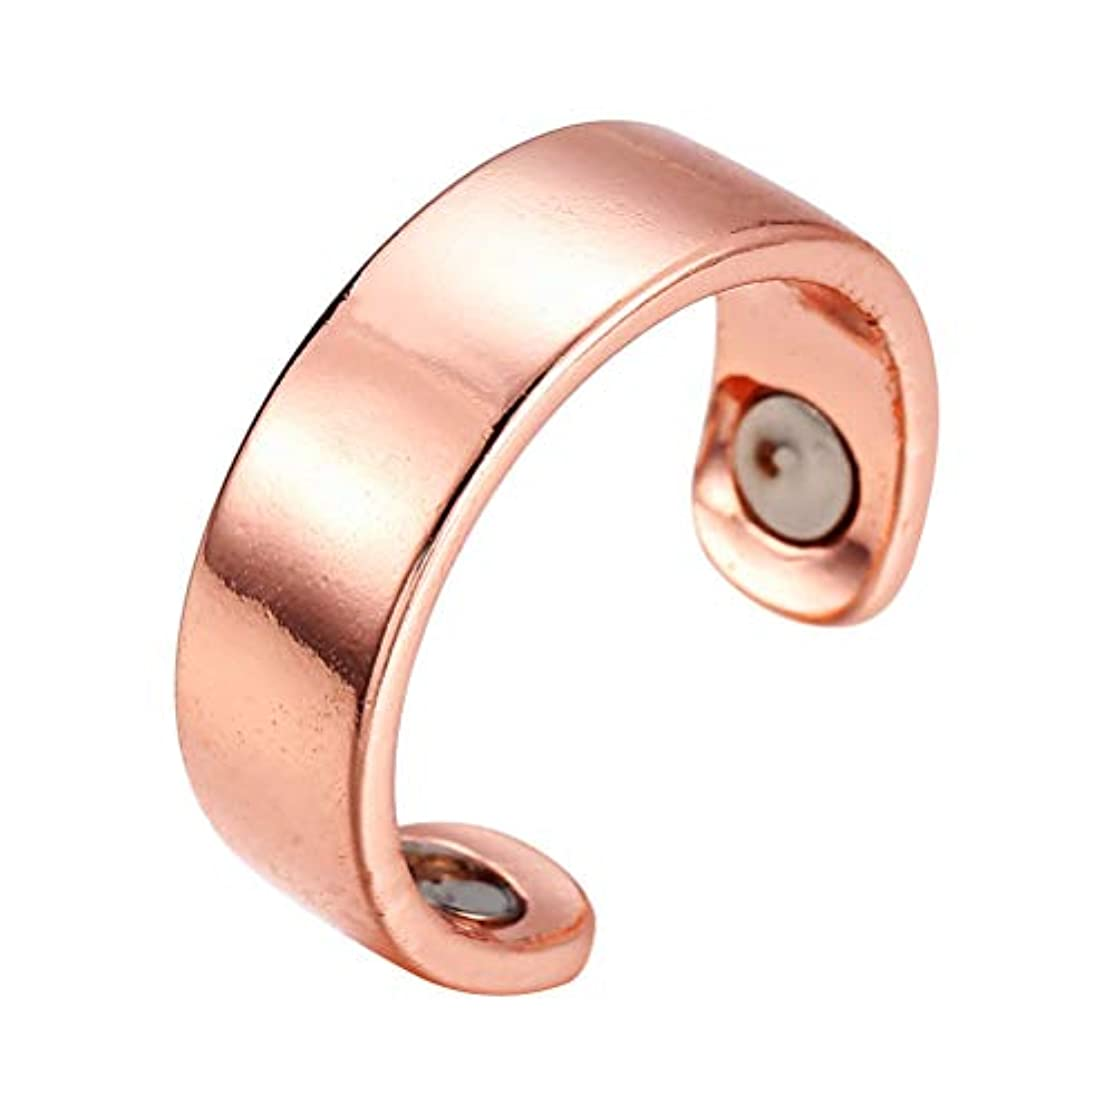 ファン水星壮大なSUPVOX リング 指輪 磁気リング 調節可能 オープンリング 睡眠呼吸指圧治療停止いびきデバイスヘルスケア磁気療法(ローズゴールデン)